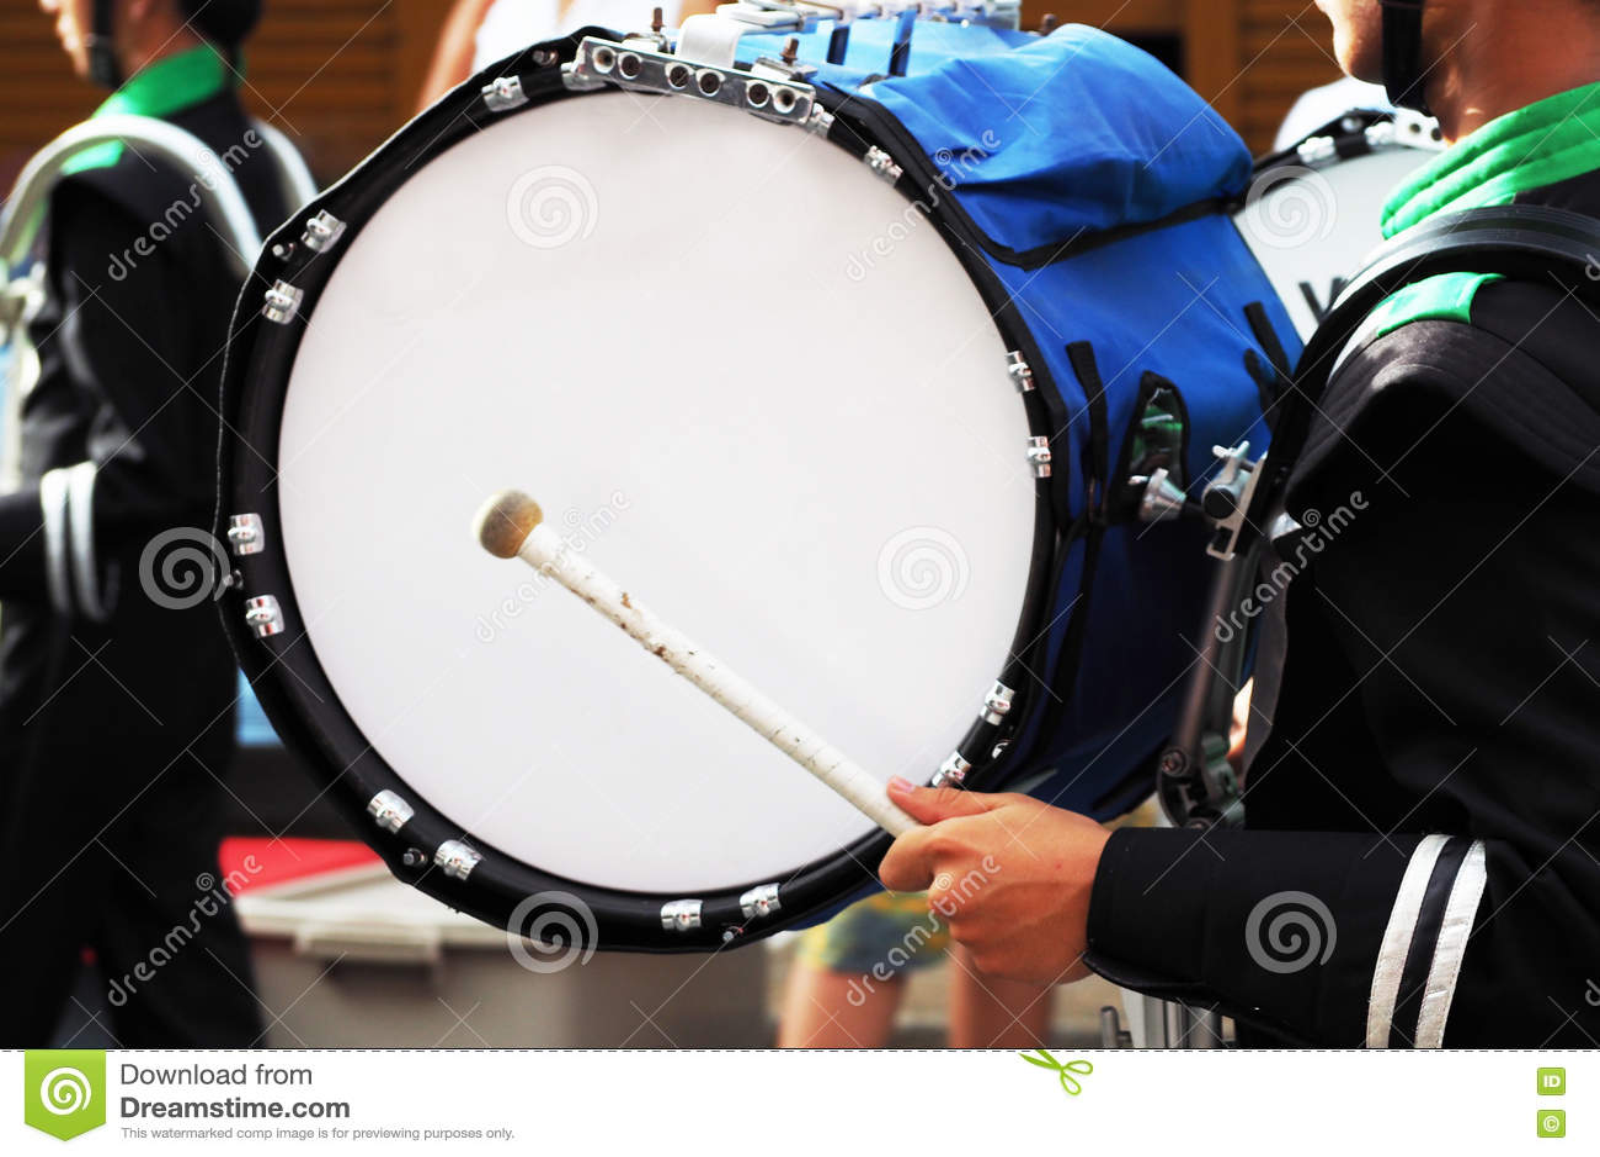 grand tambour de fanfare dans le d fil image stock image du musicien main 75779325. Black Bedroom Furniture Sets. Home Design Ideas